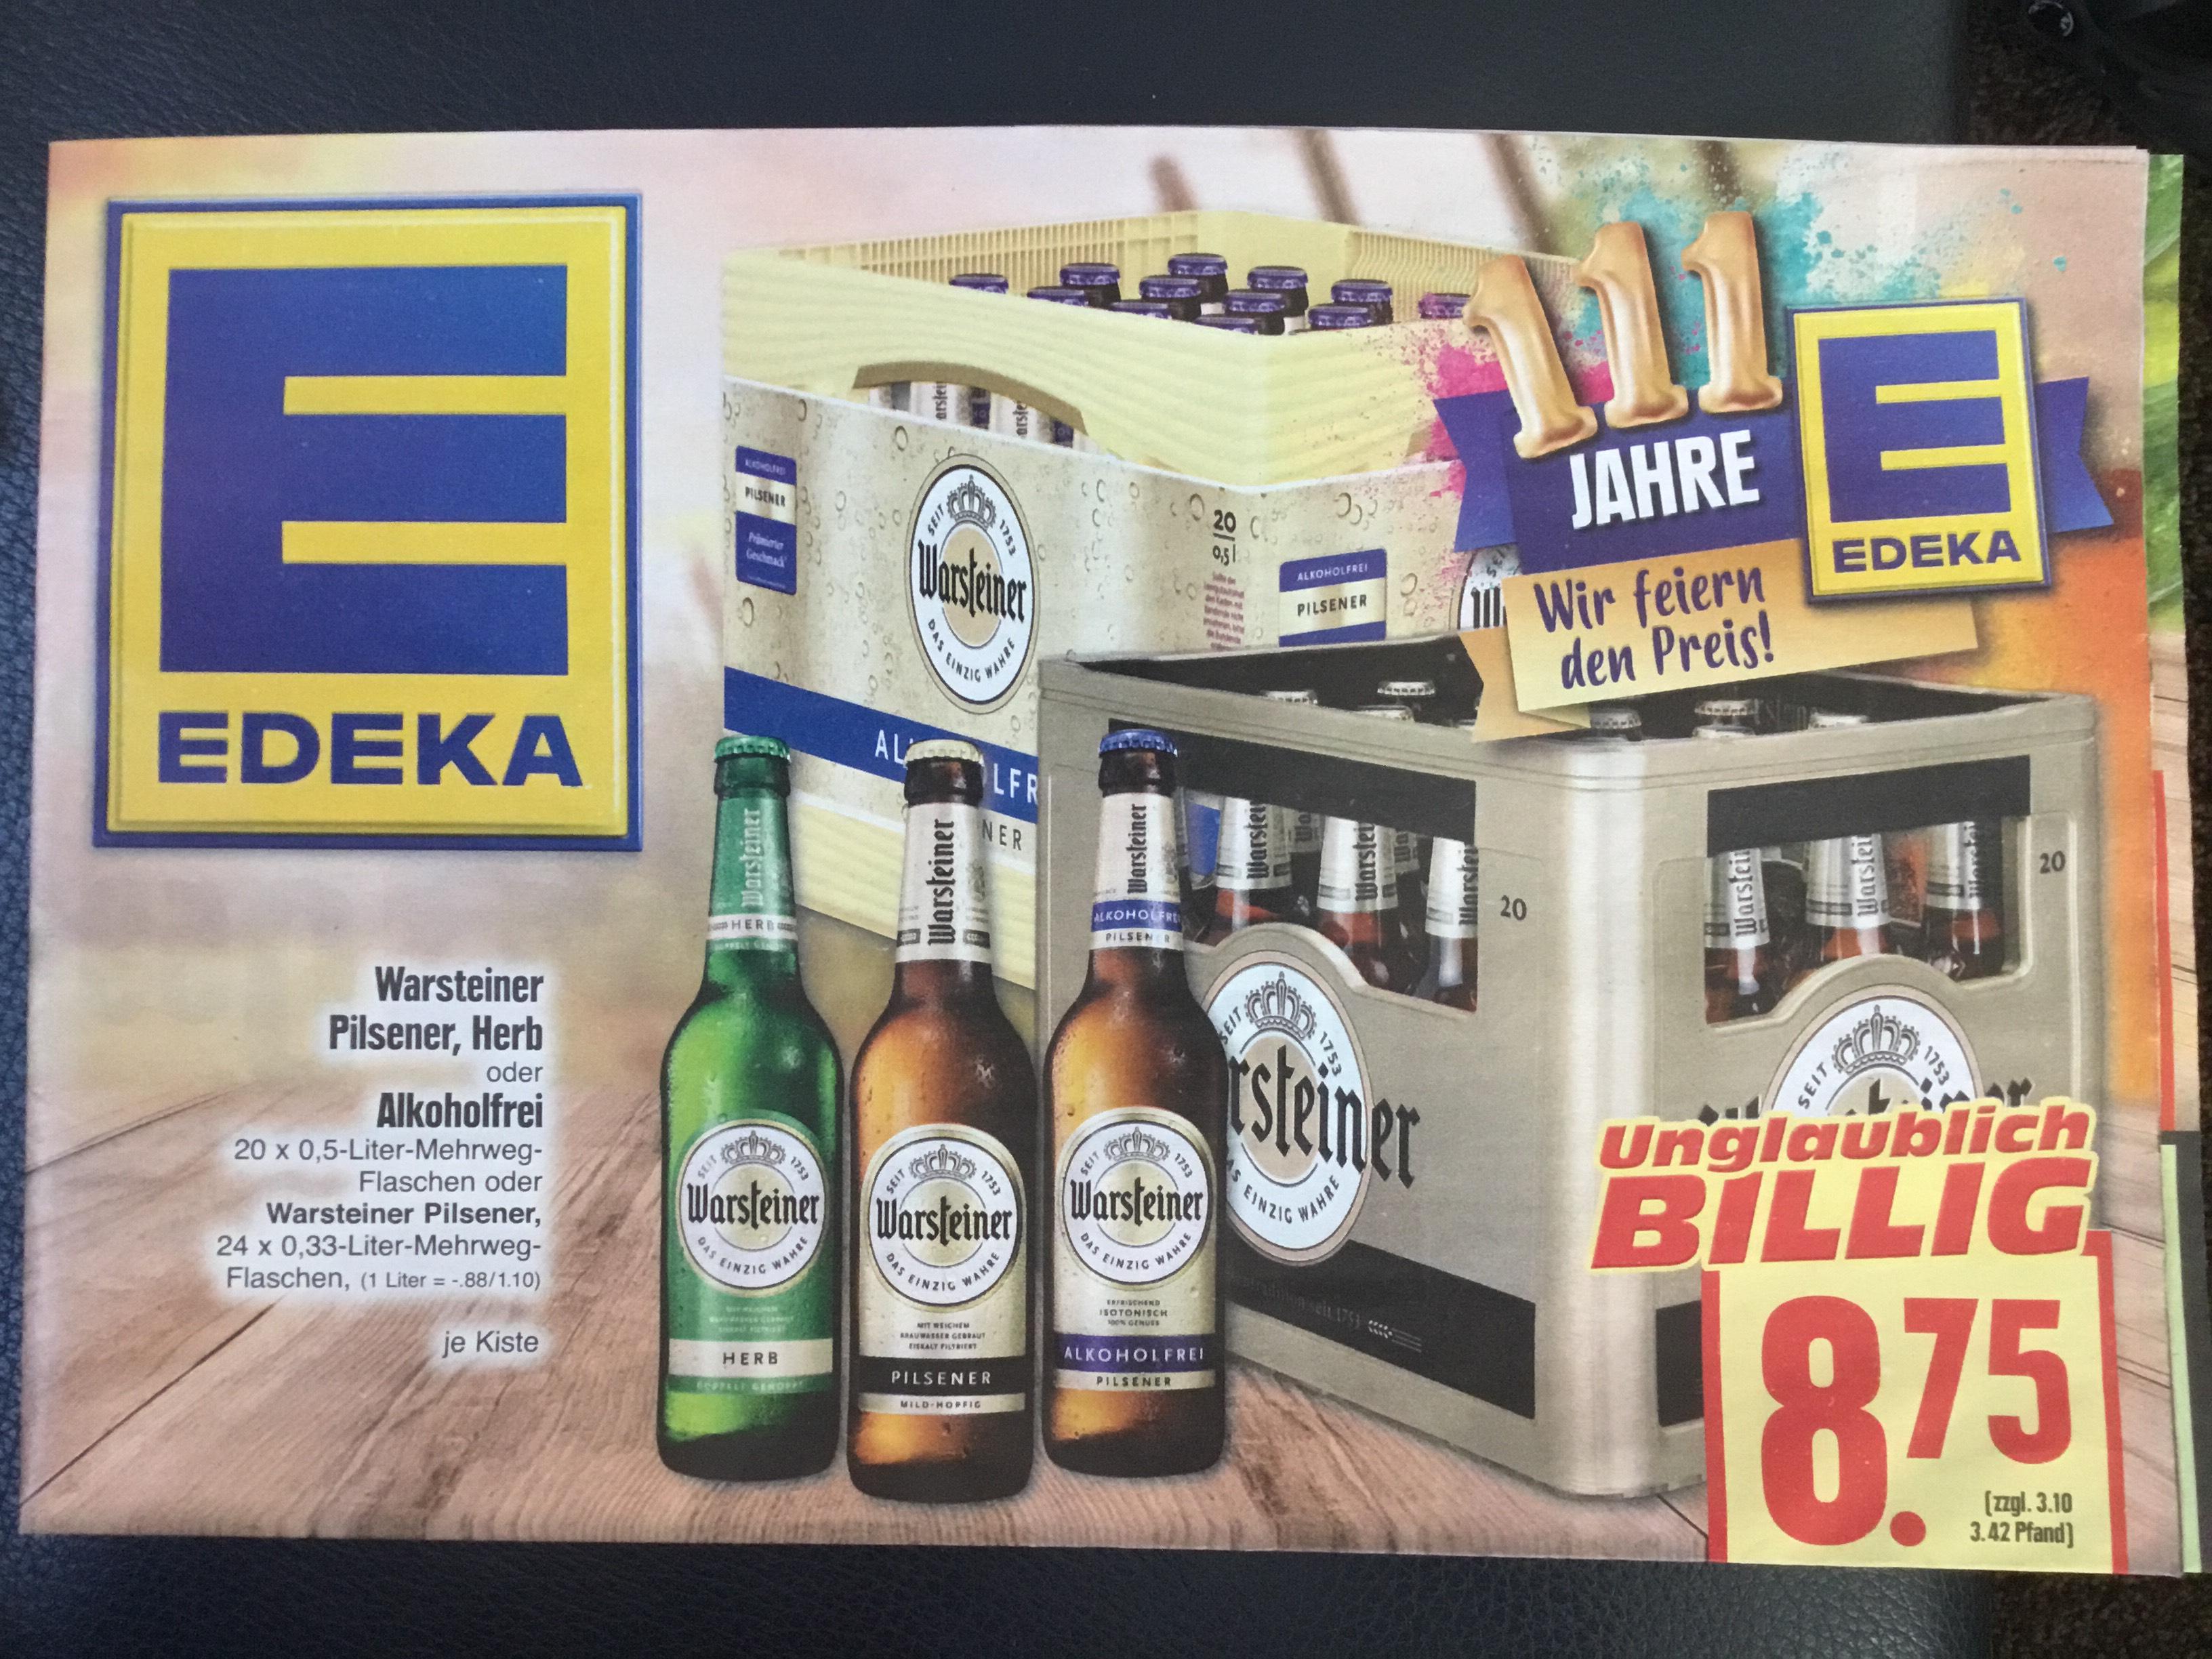 Offline: Edeka in Eschwege hat den Kasten Warsteiner für 8,75 EUR im Angebot